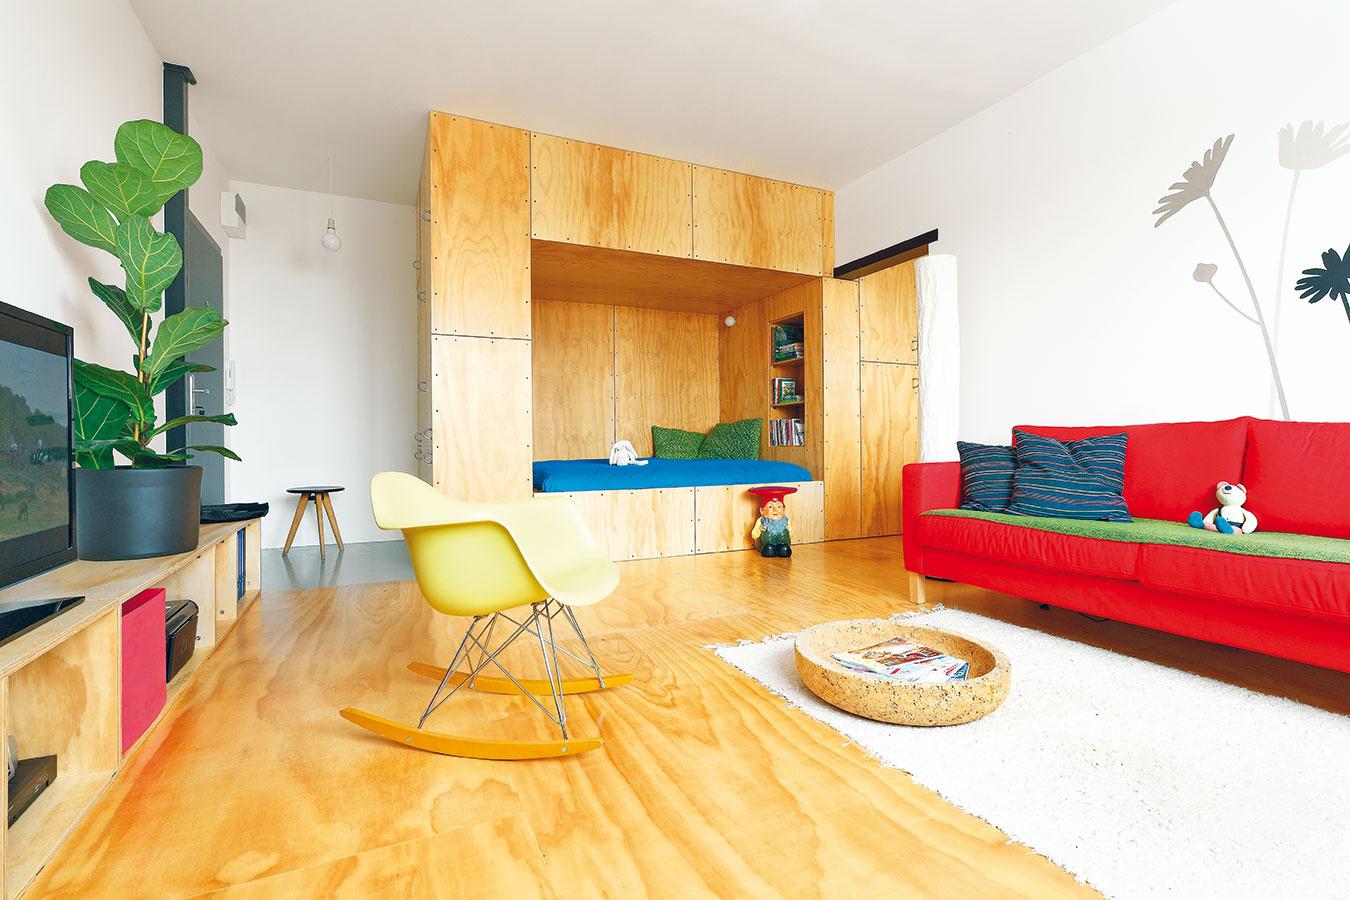 Posteľ v skrini. Architekti toito umiestnili v jednoizbovom byte posteľ do skrine z preglejky, ktorá sa tiahne celým obytným priestorom. Hoci je stále na očiach, nezavadzia a v prípade väčšej návštevy poskytne ďalšie miesta na sedenie. Tento nápaditý interiér získal v roku 2013 cenu za architektúru CE.ZA.AR.